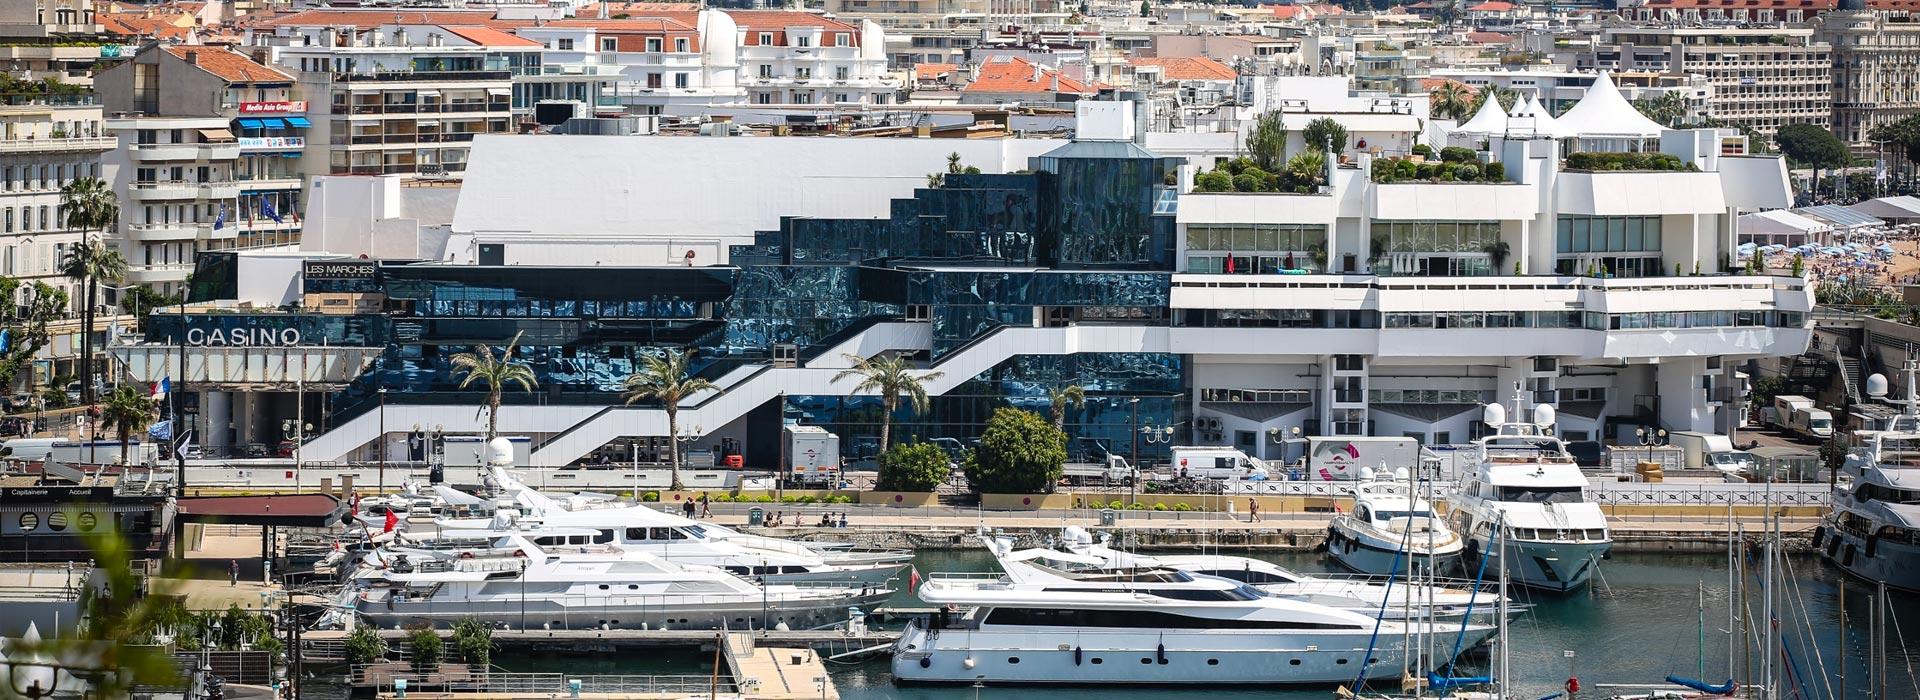 MIPIM Cannes Chauffeur Service bg |